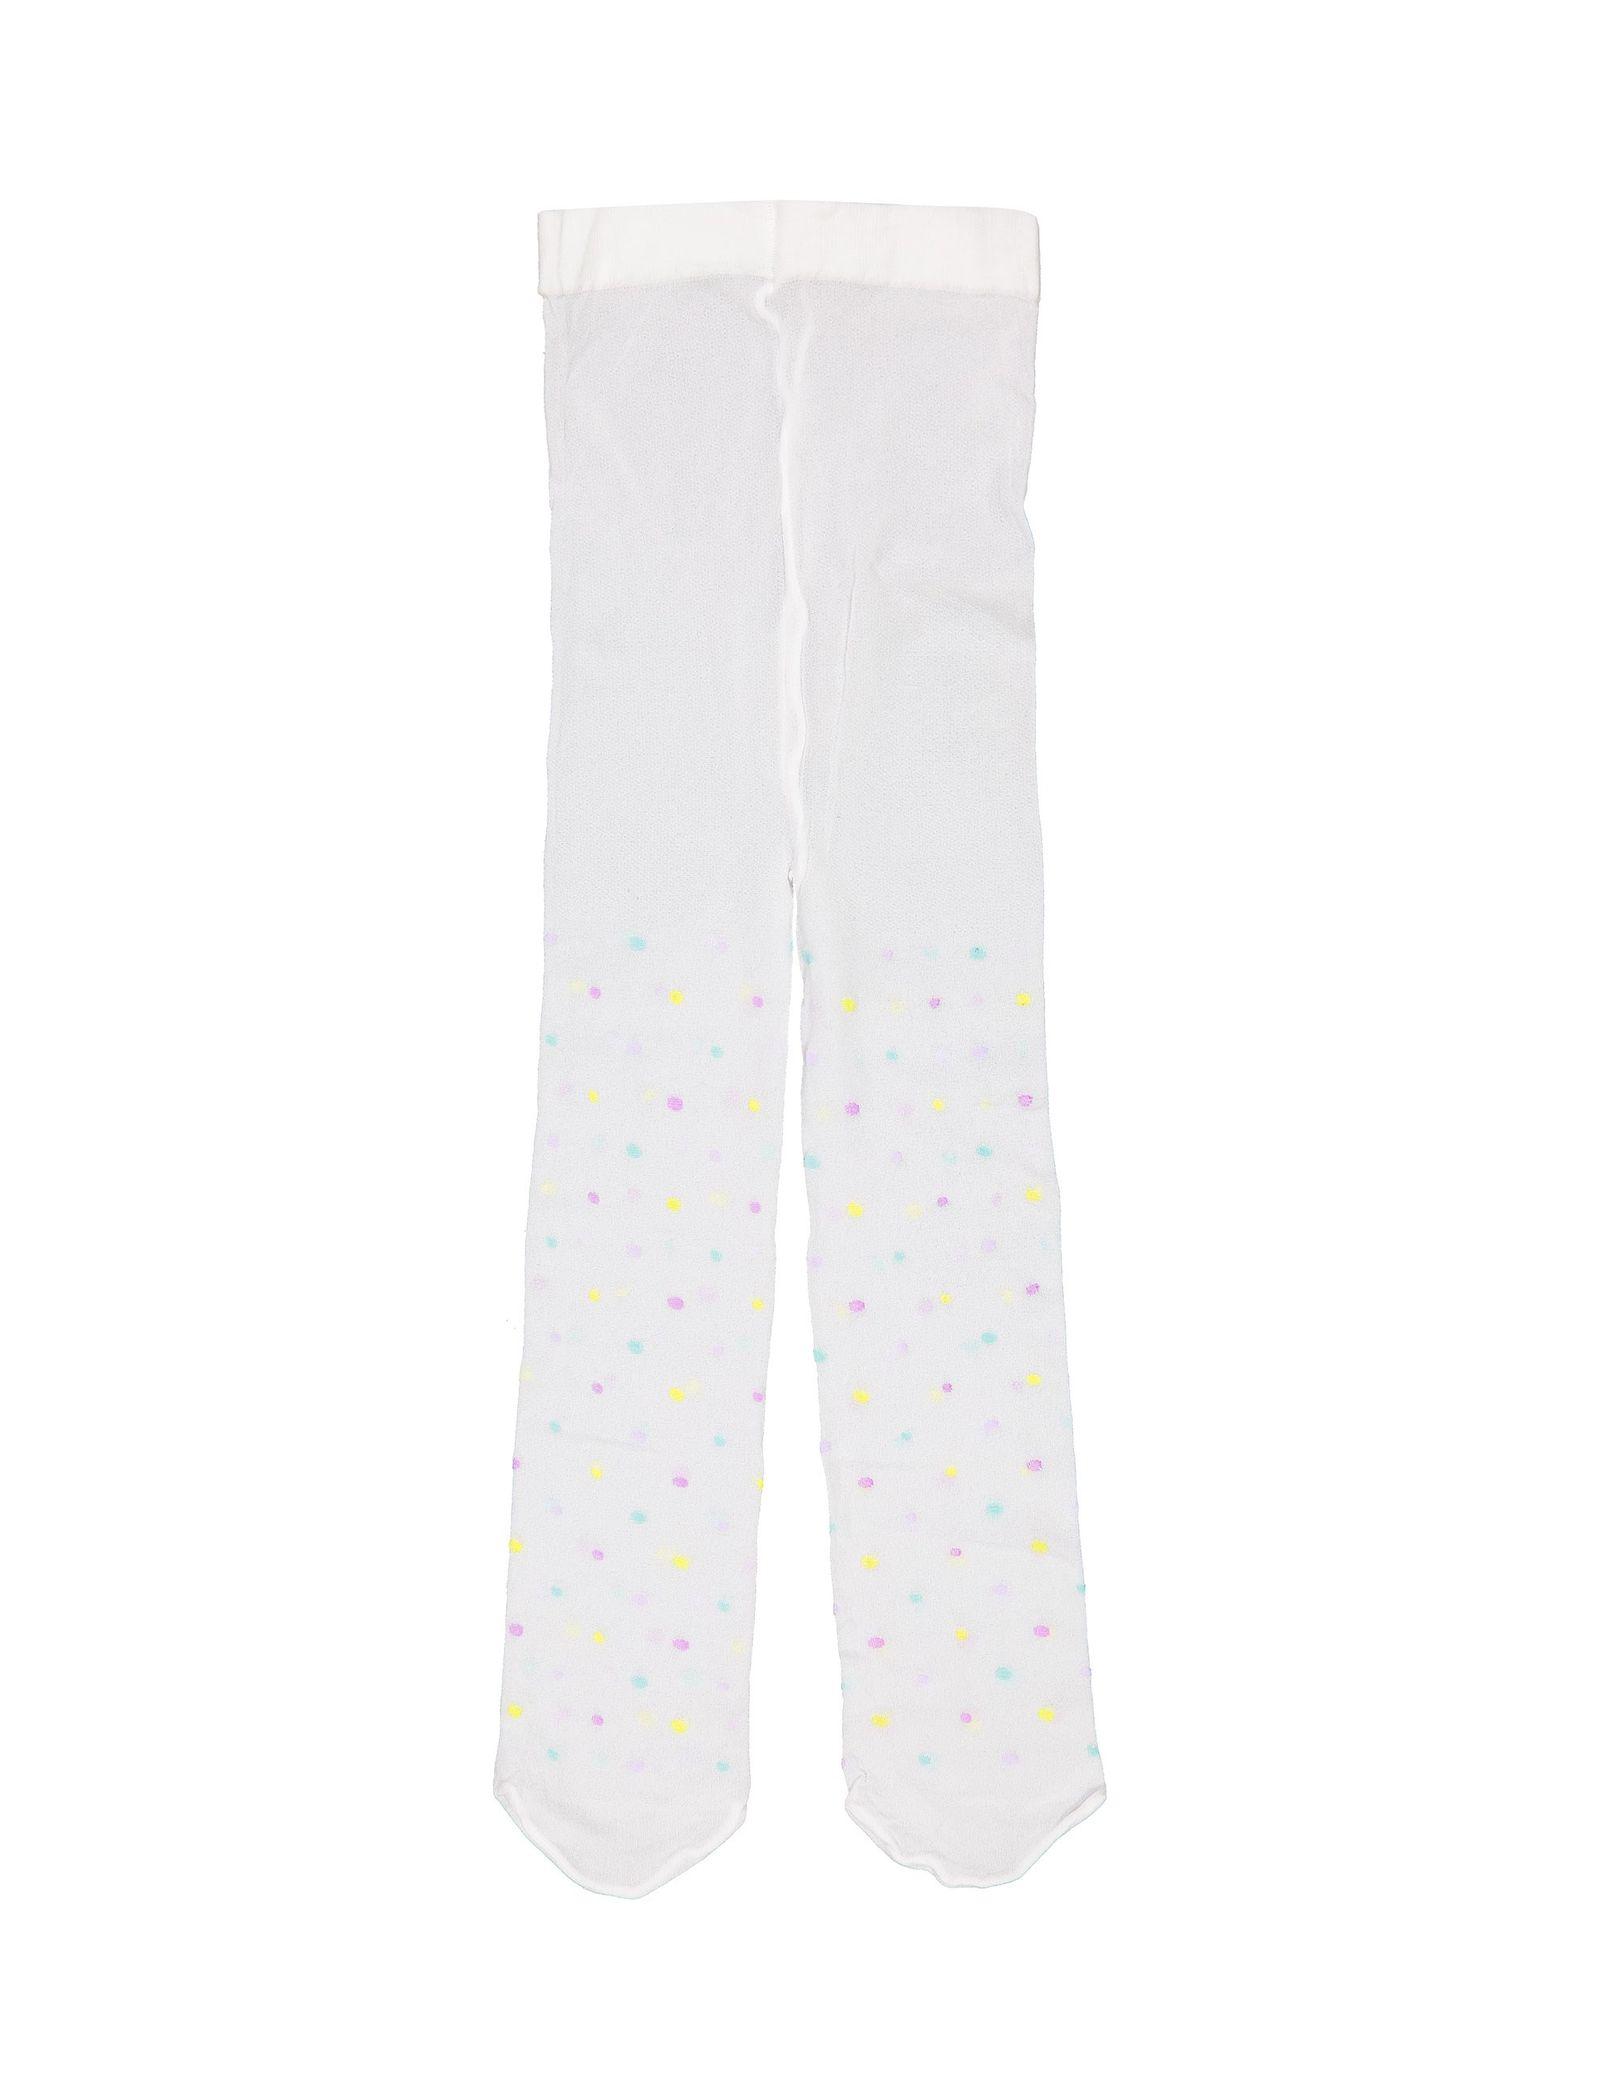 جوراب شلواری طرح دار نوزادی دخترانه - ایدکس - سفيد - 1